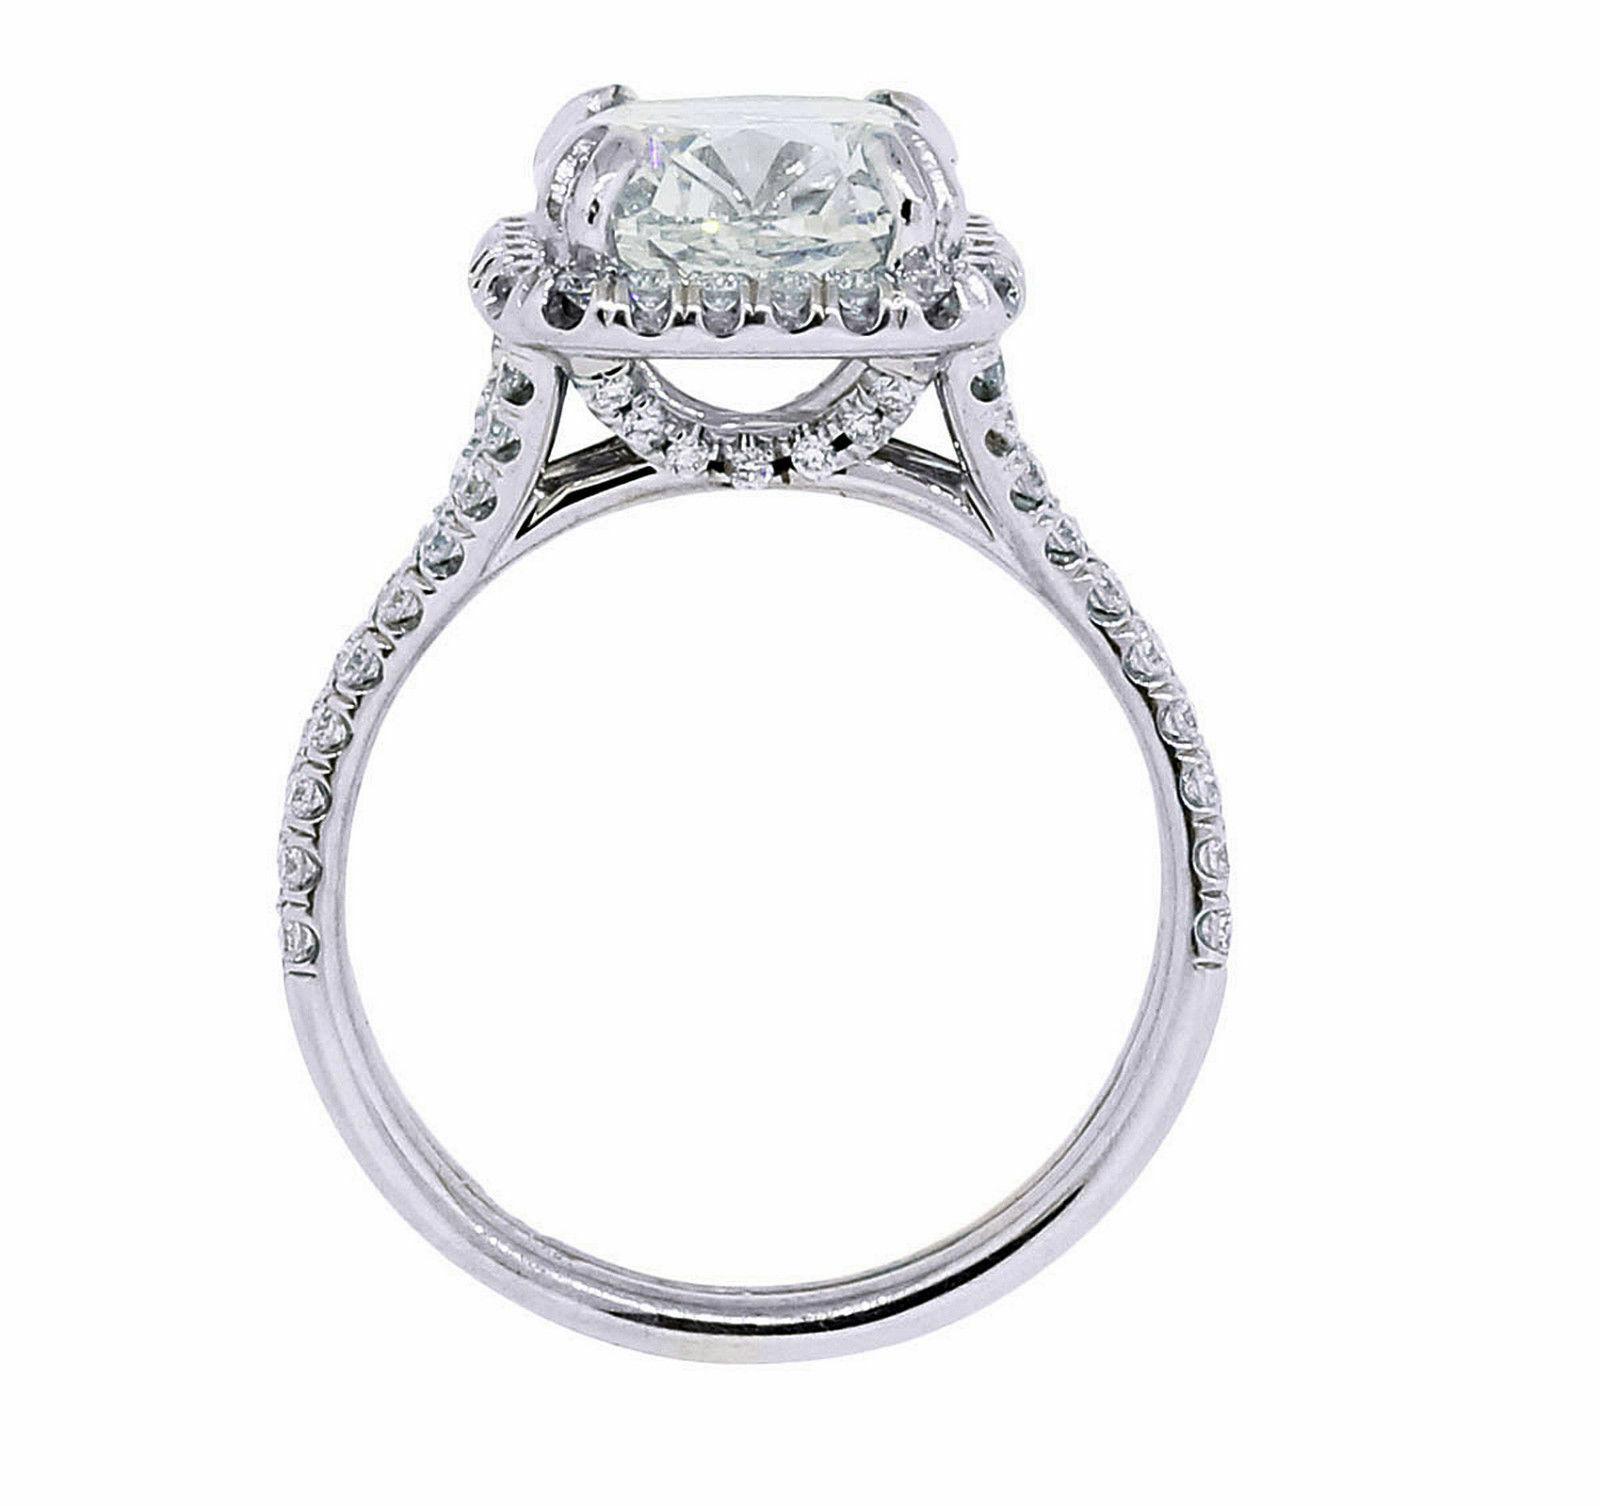 GIA Certified Diamond Engagement Ring Cushion Cut 14k White Gold 2.18 carat 3